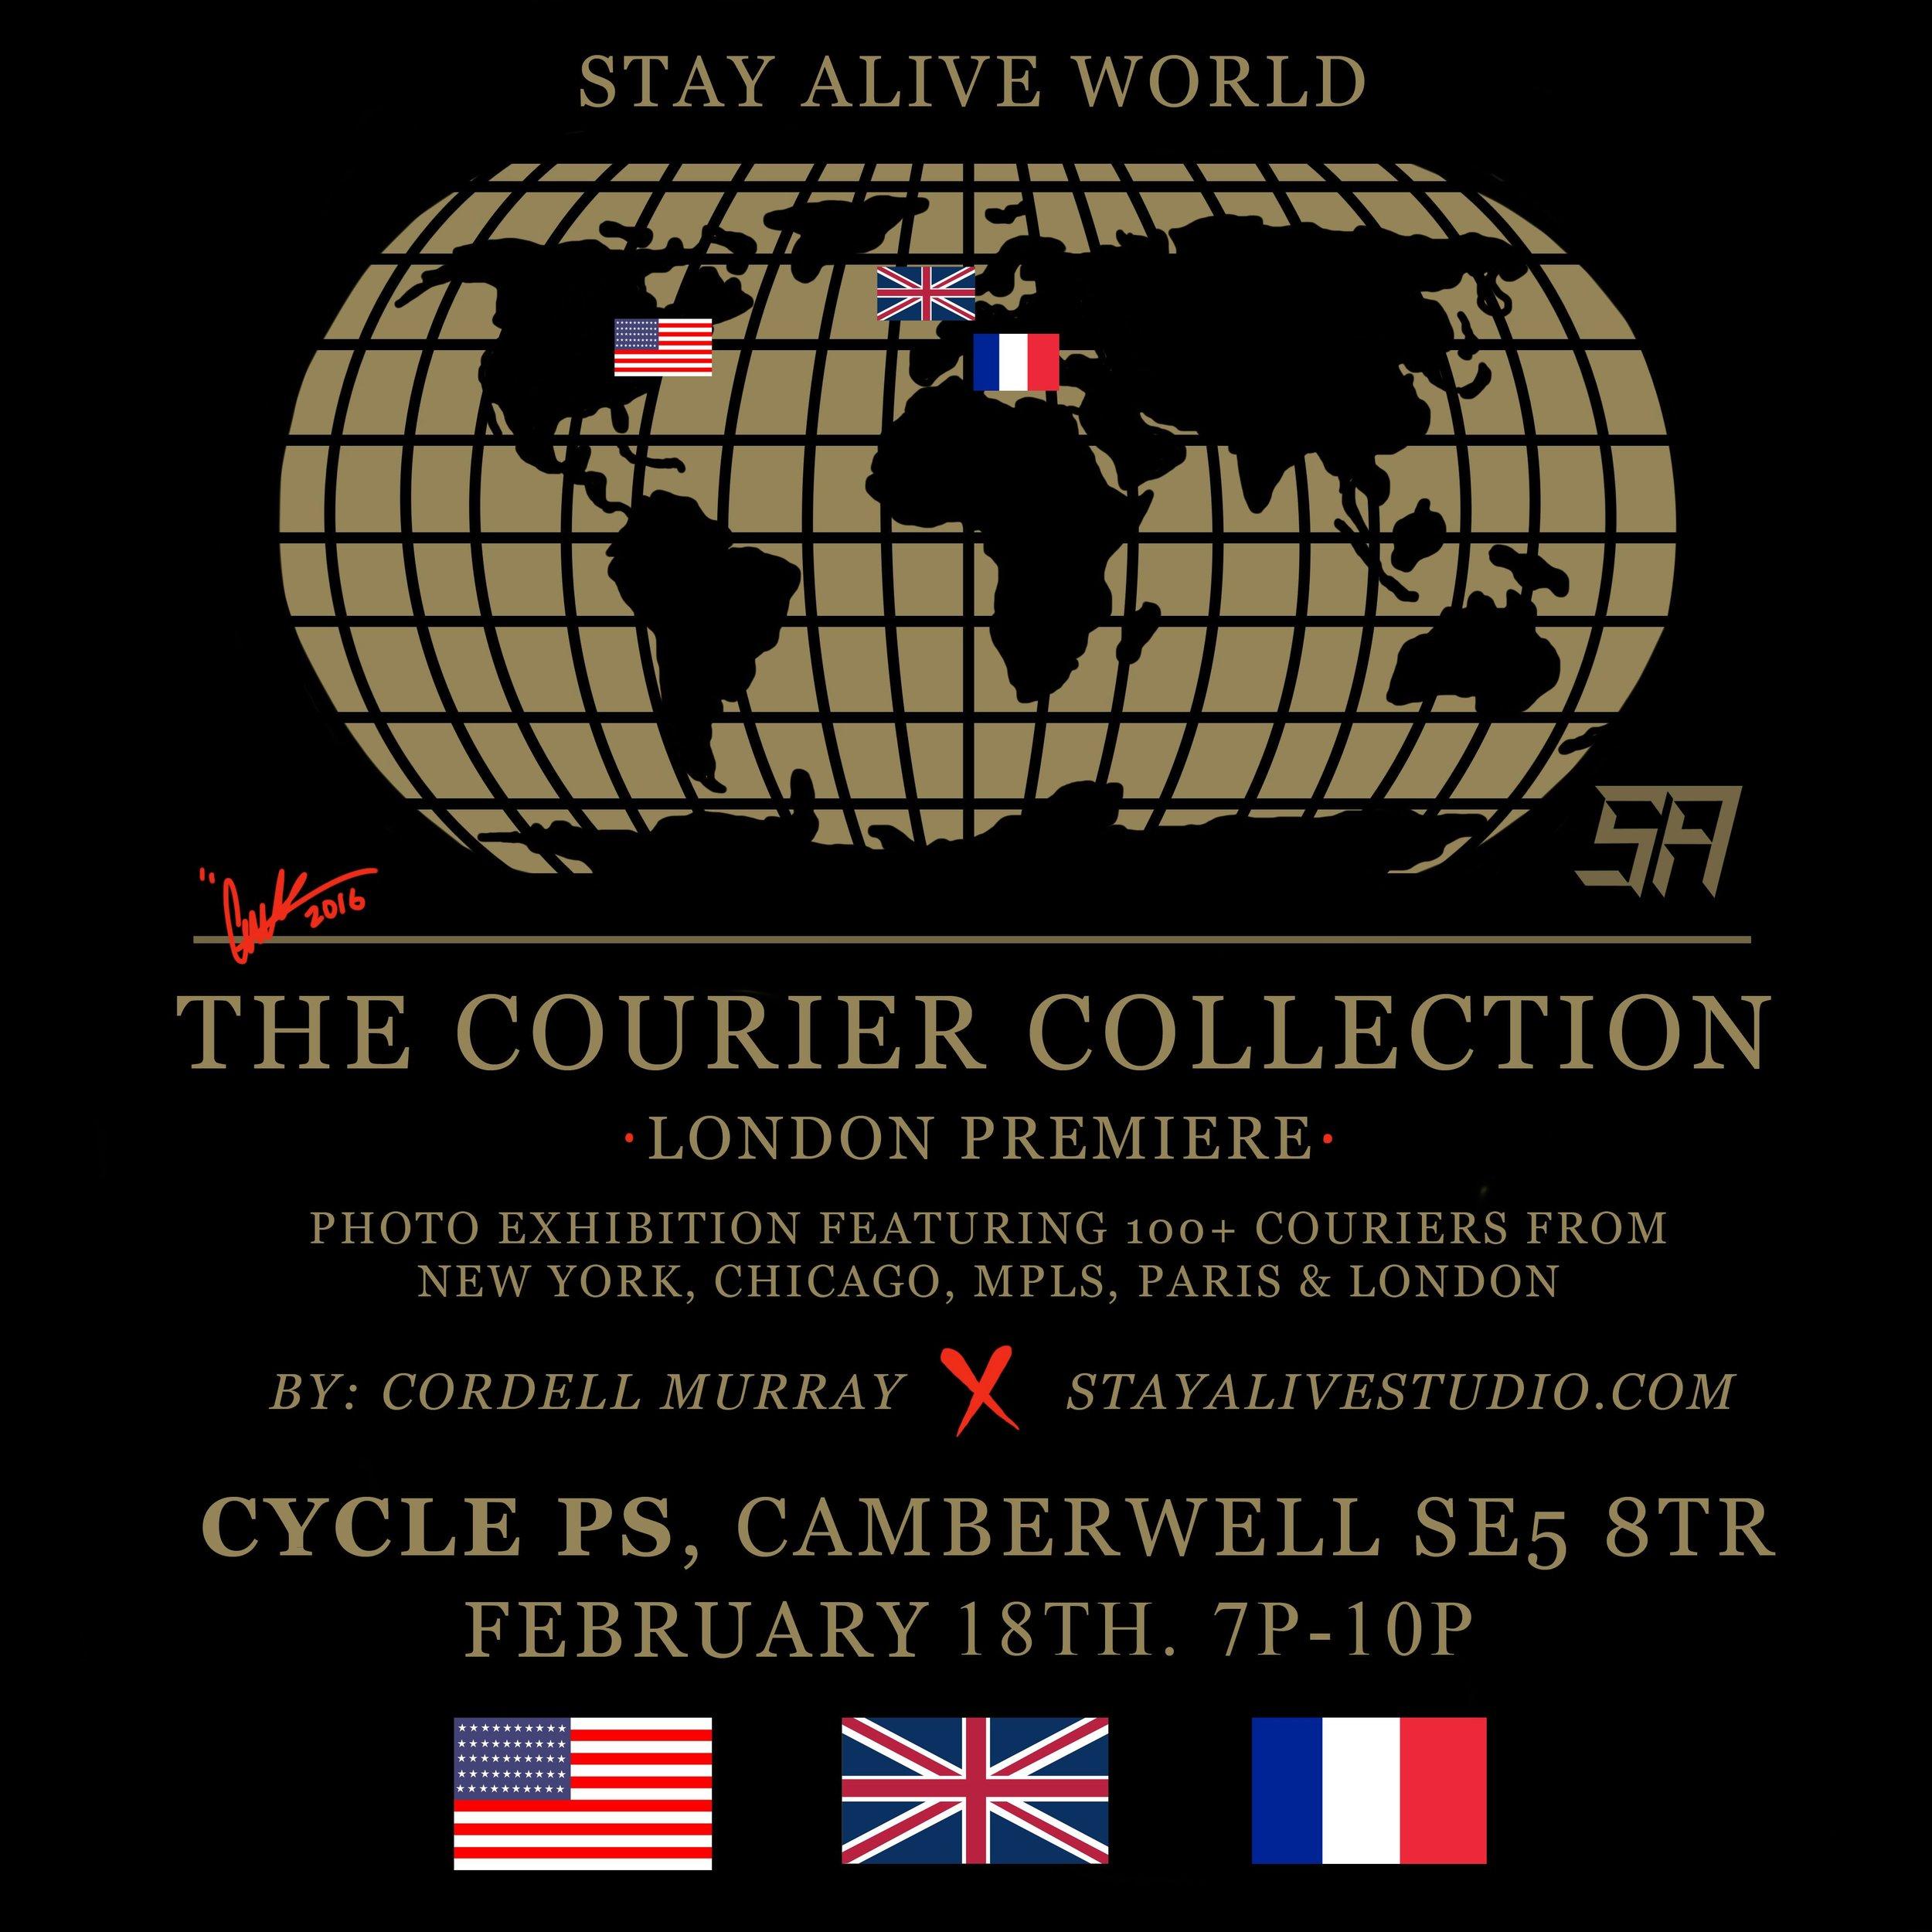 SA-LONDON-Cycle PS.jpg